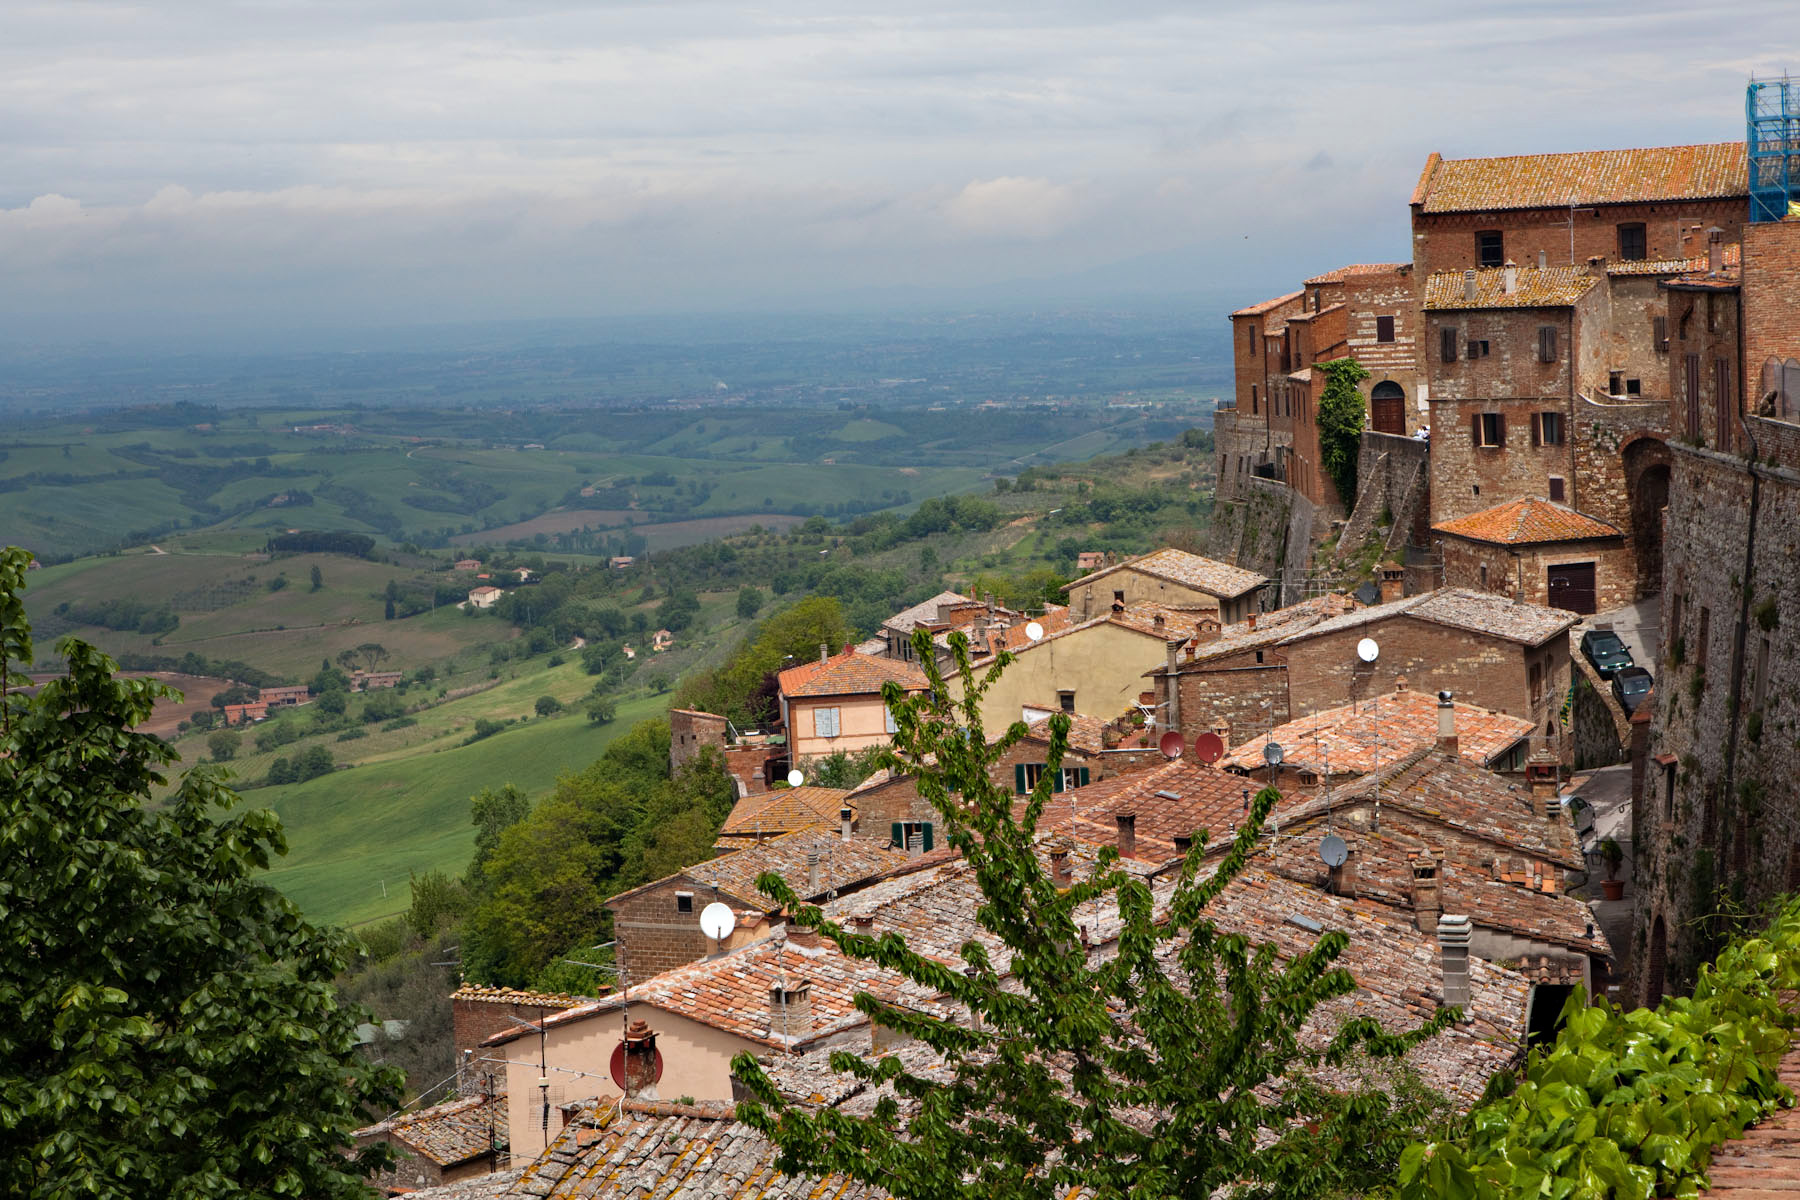 Visiting Tuscany  Tuscany  Italy  Landscape upviewItaly Landscape